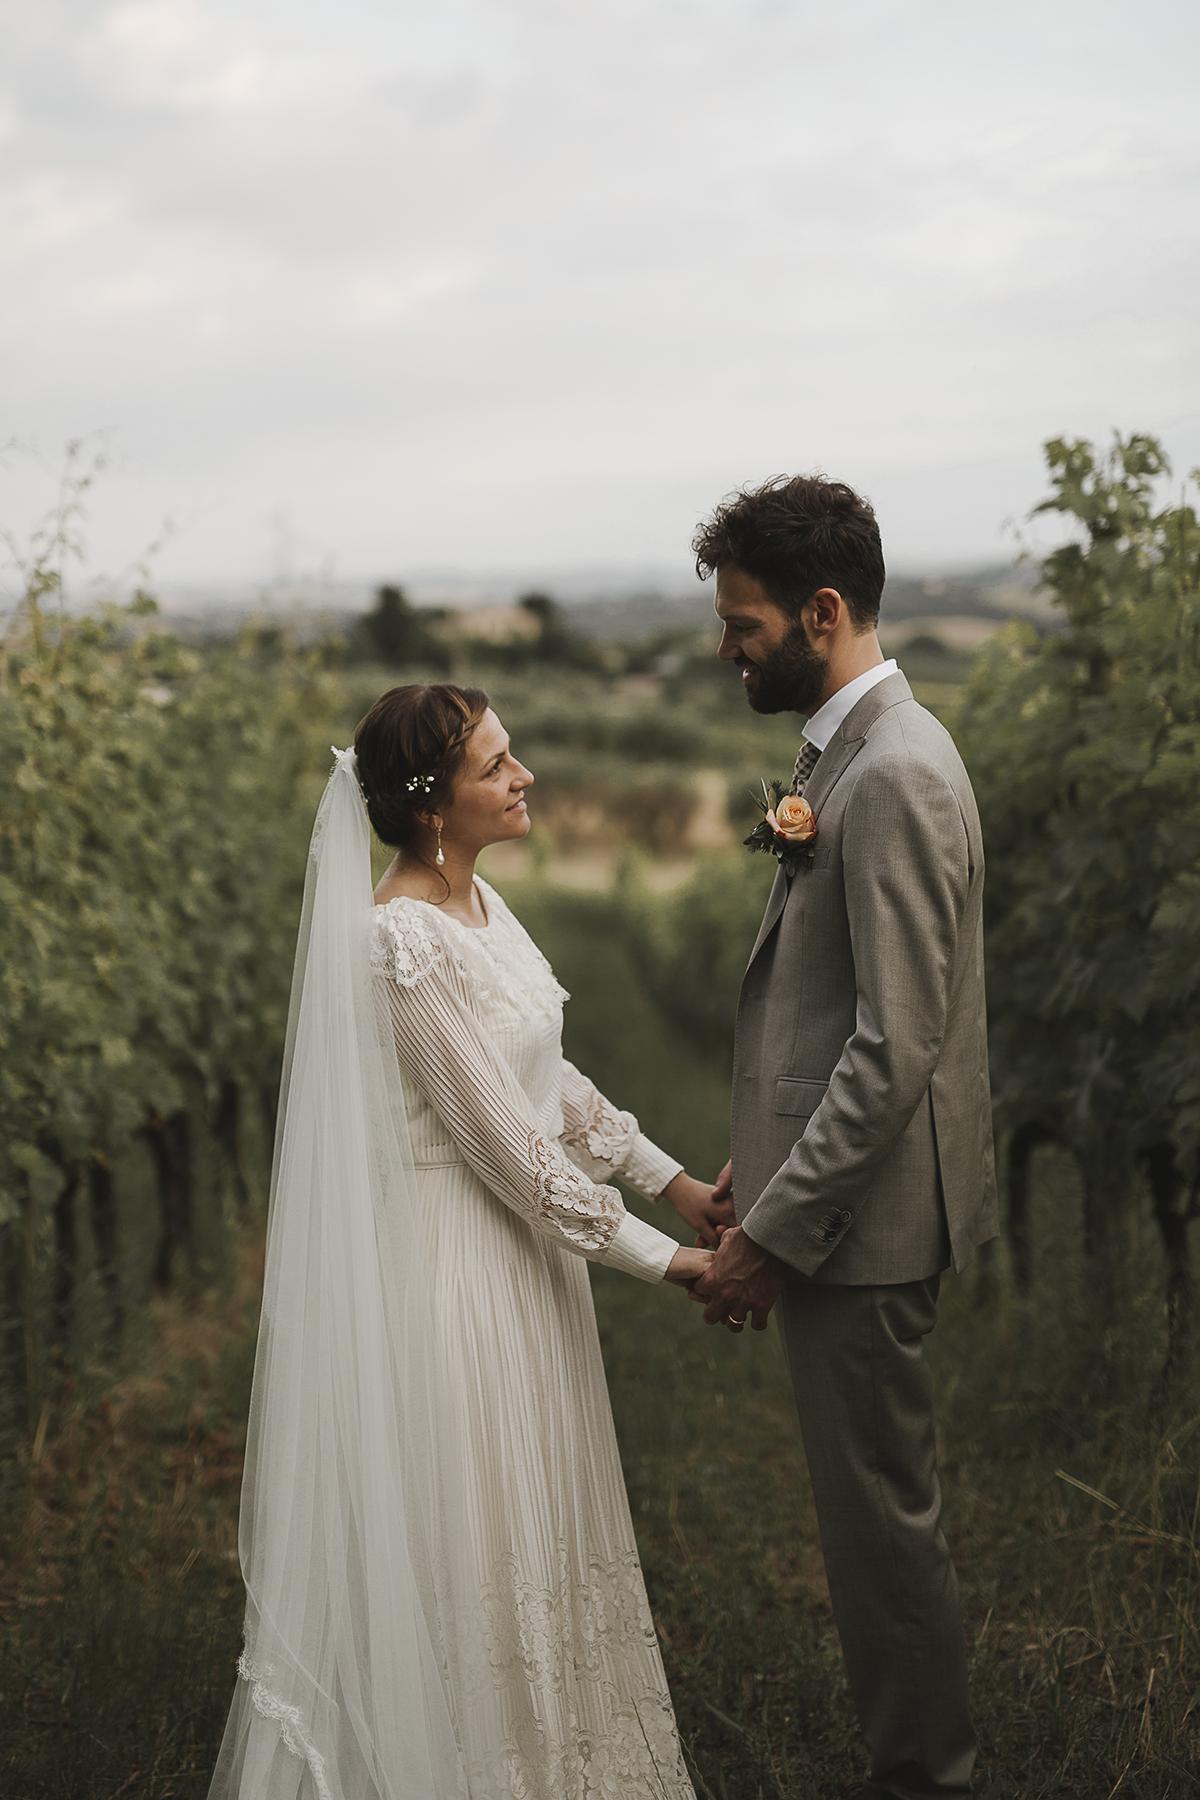 FrancescaFrancesca - Daniele and Marica